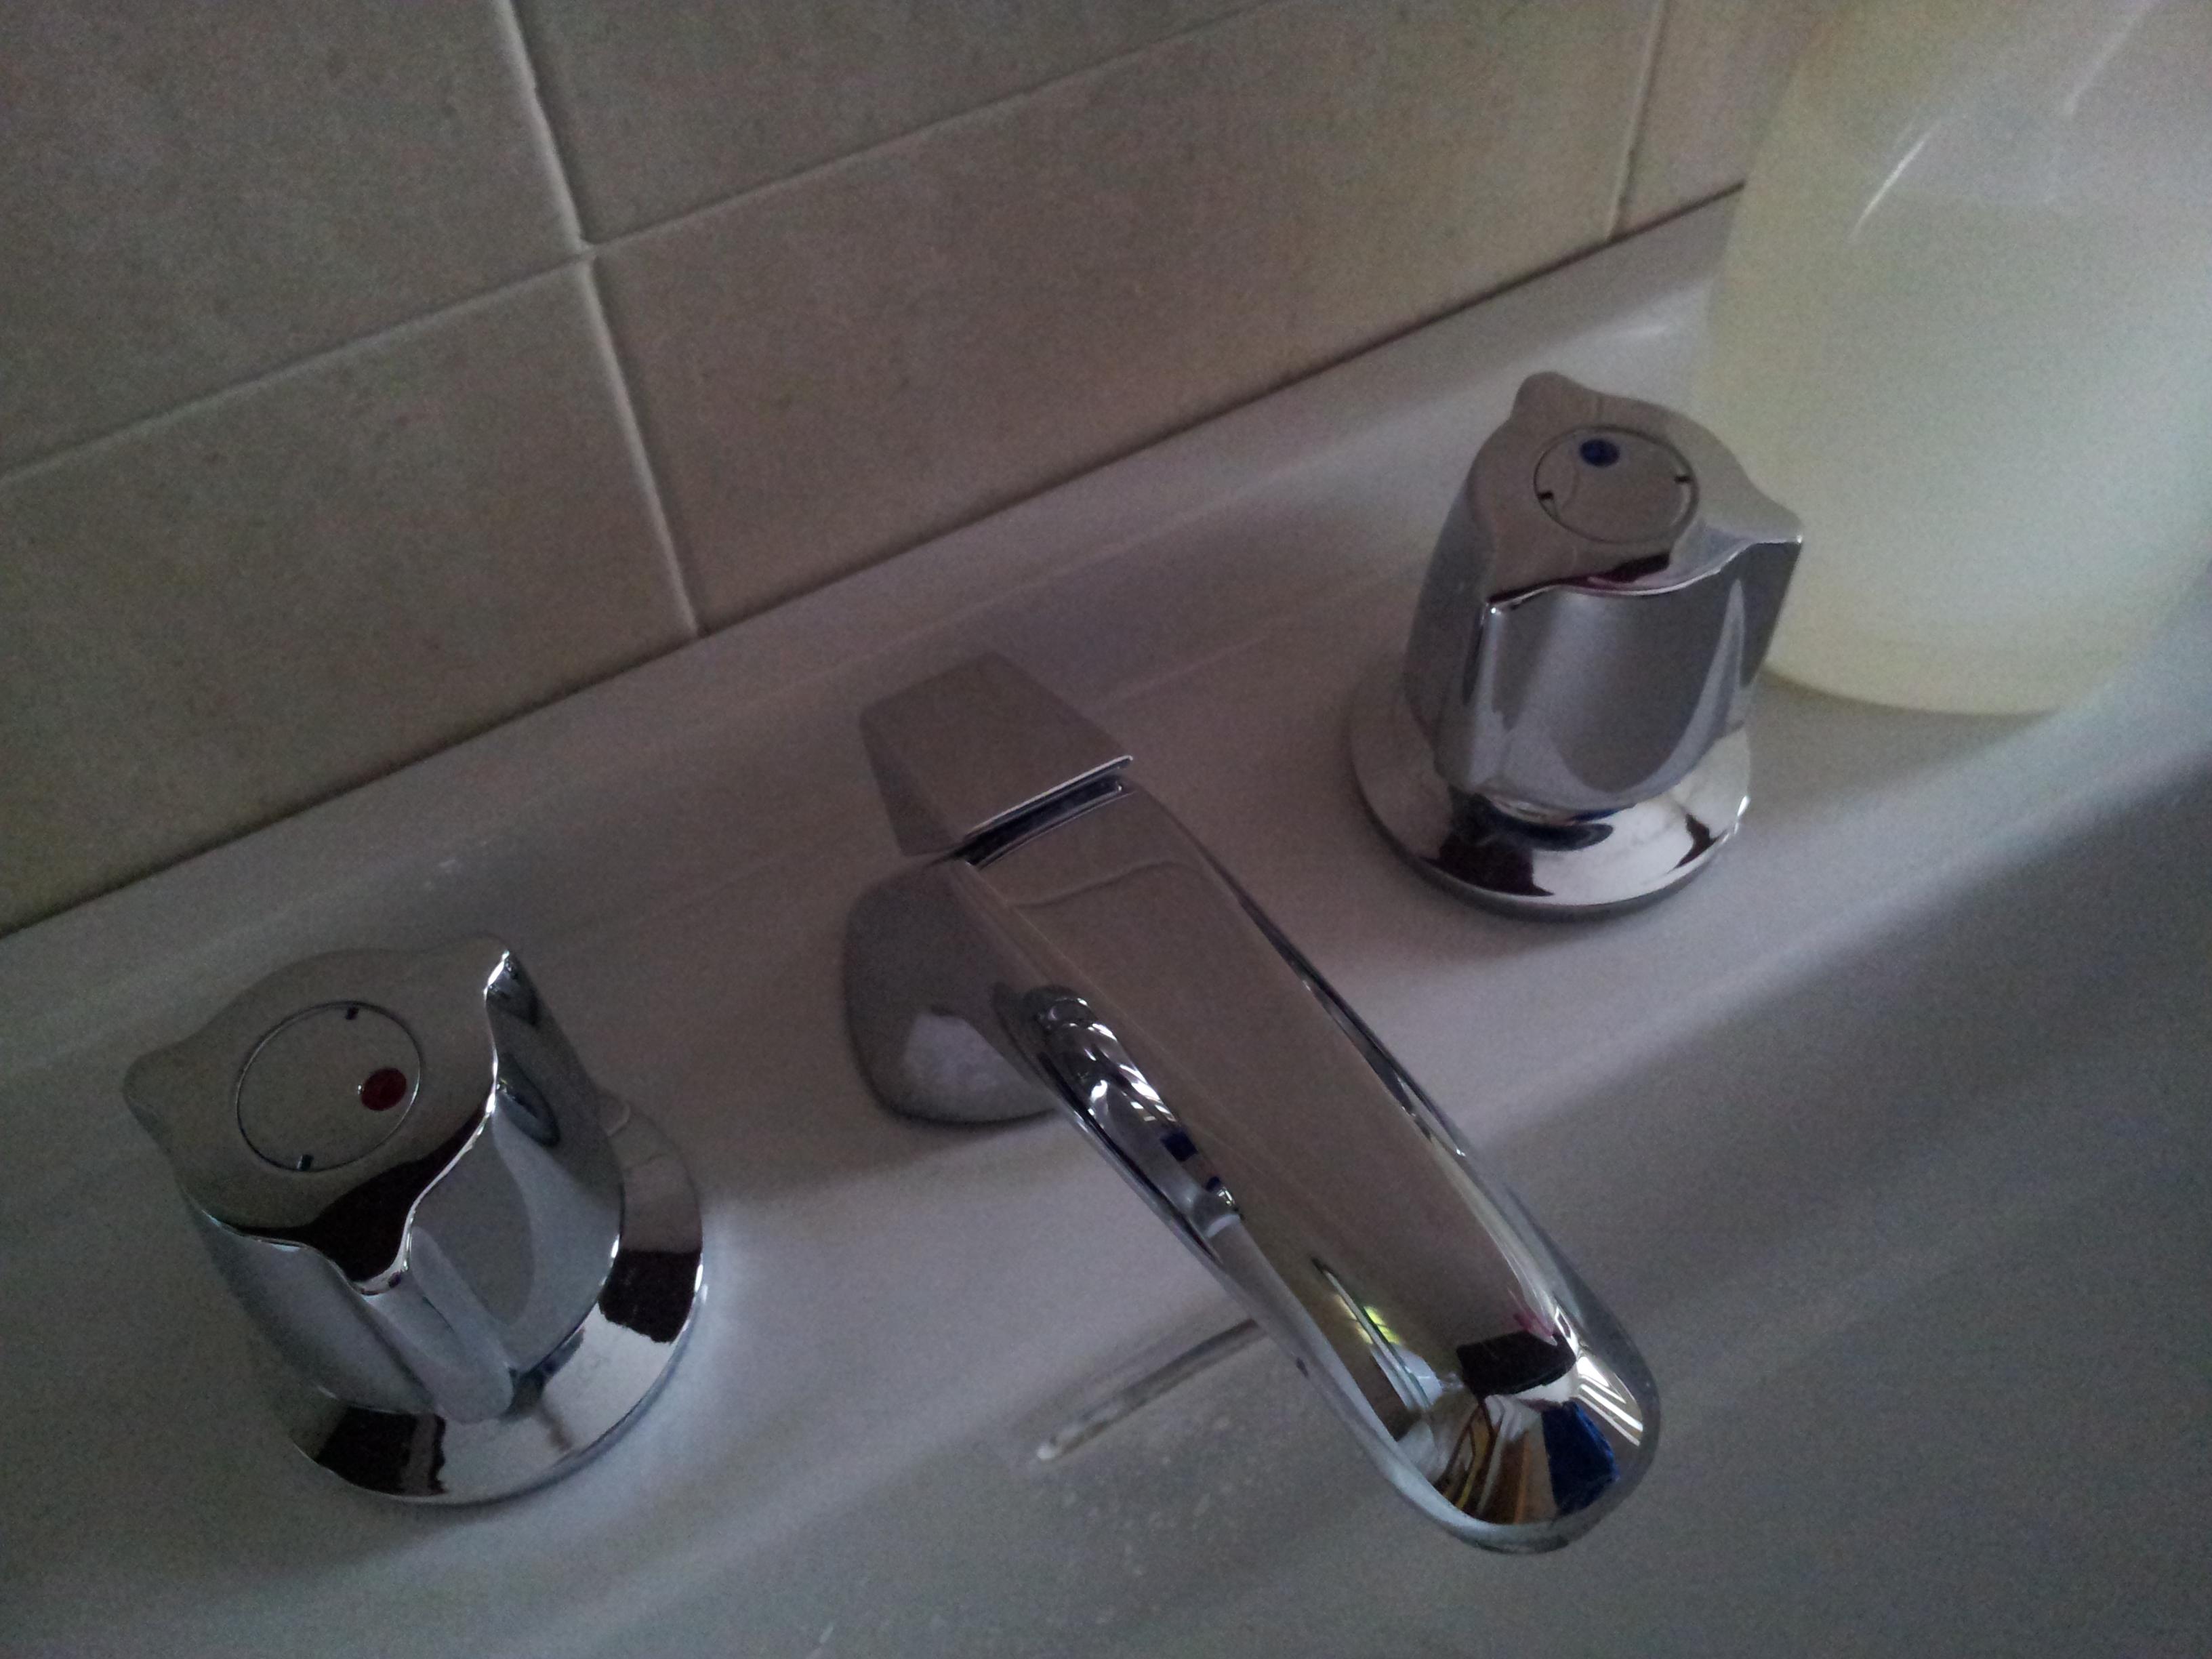 pulire il bagno in modo eco. ecologico / economnico